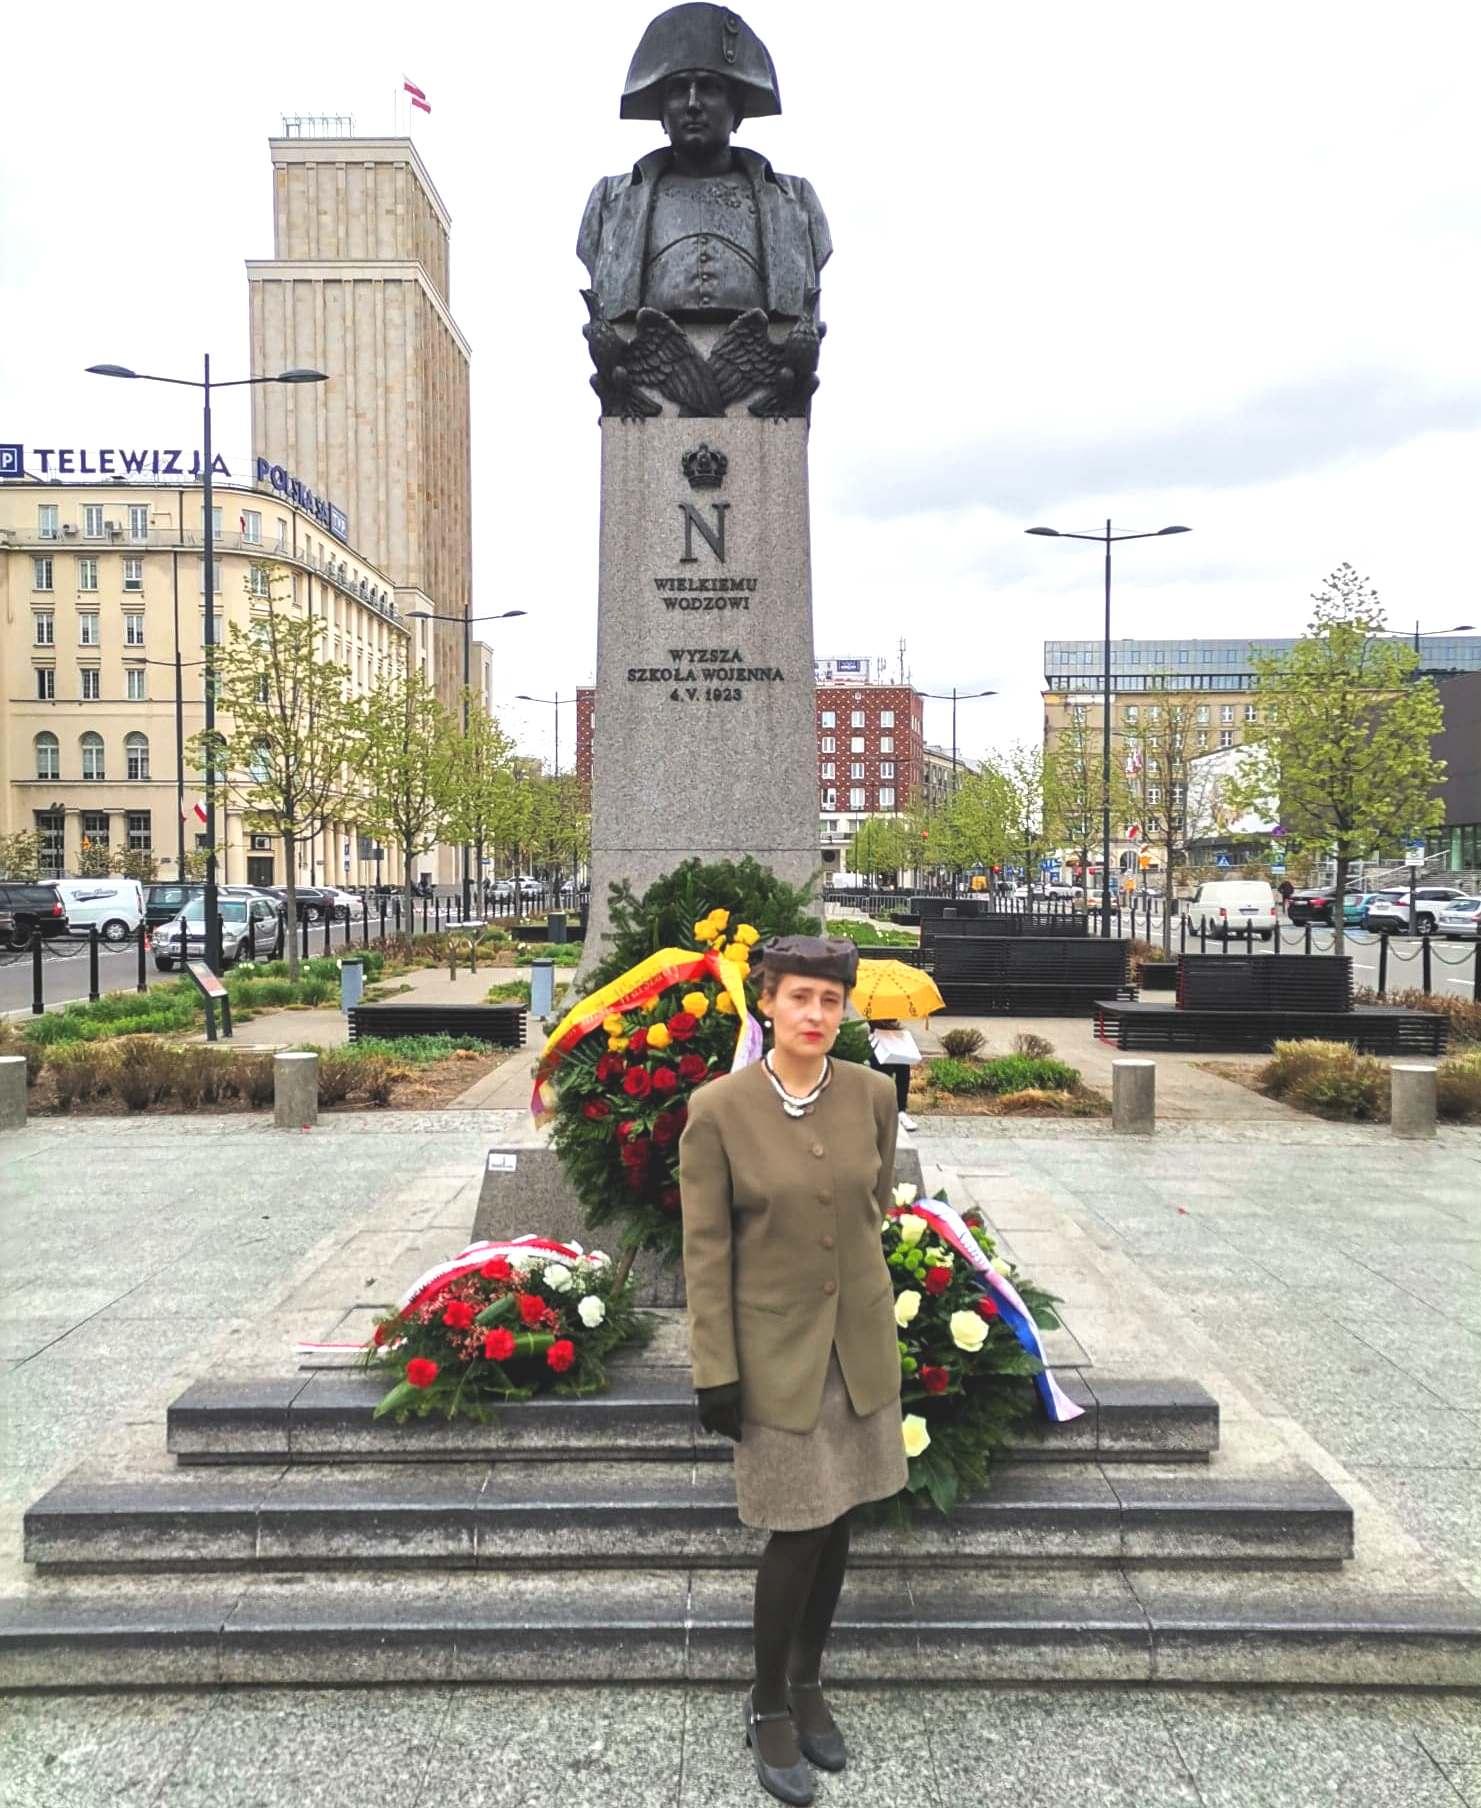 Agnieska Pudlis, poétesse polonaise, a fleuri le monument Napoléon à Varsovie où l'Empereur tient une place importance (Photos DR).